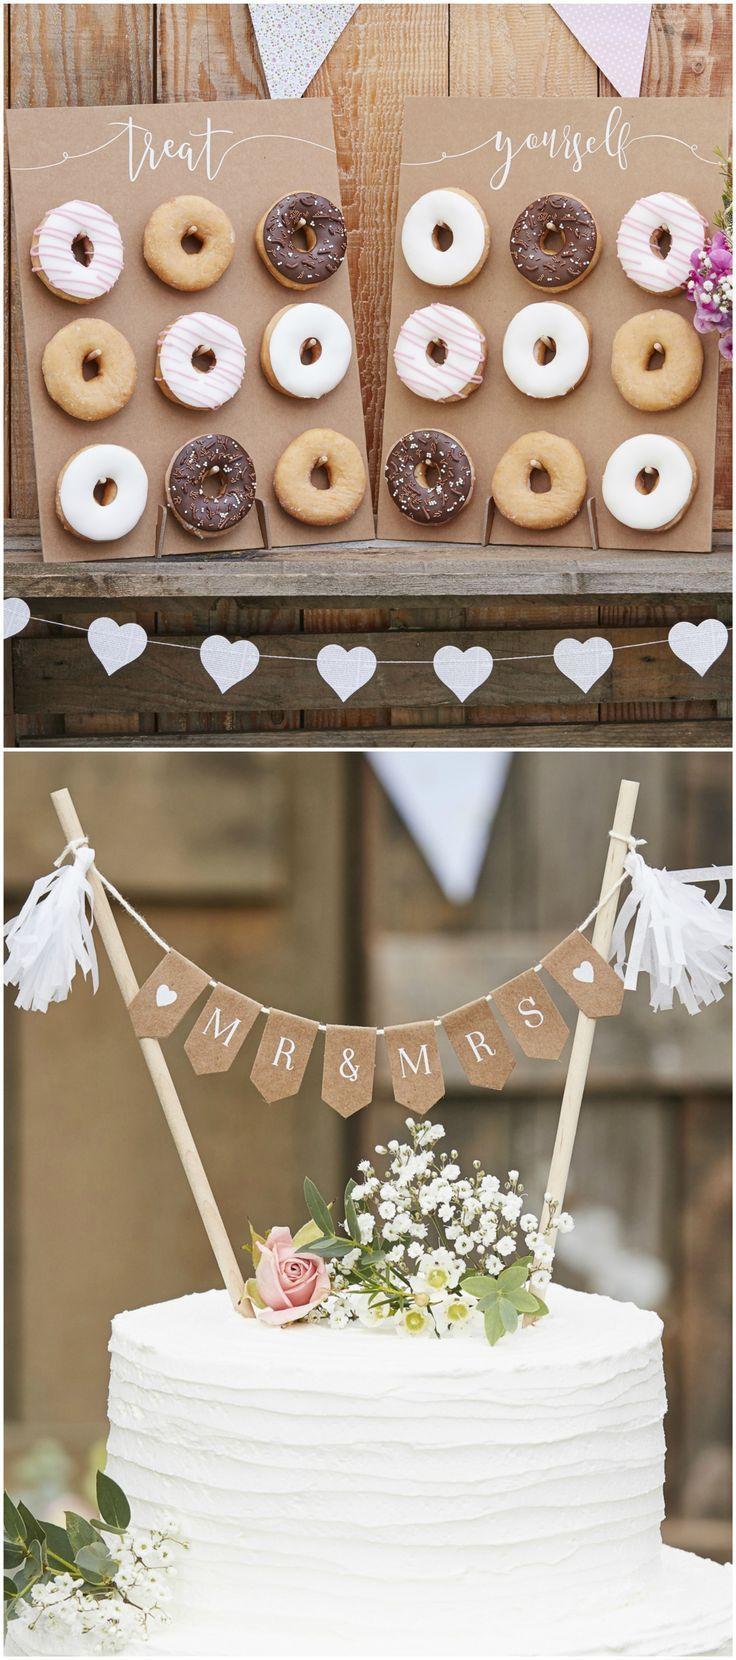 Tolle Idee, deinen Schokoriegel noch süßer zu präsentieren ♥ #Bar #C …   – Dekoration Hochzeit